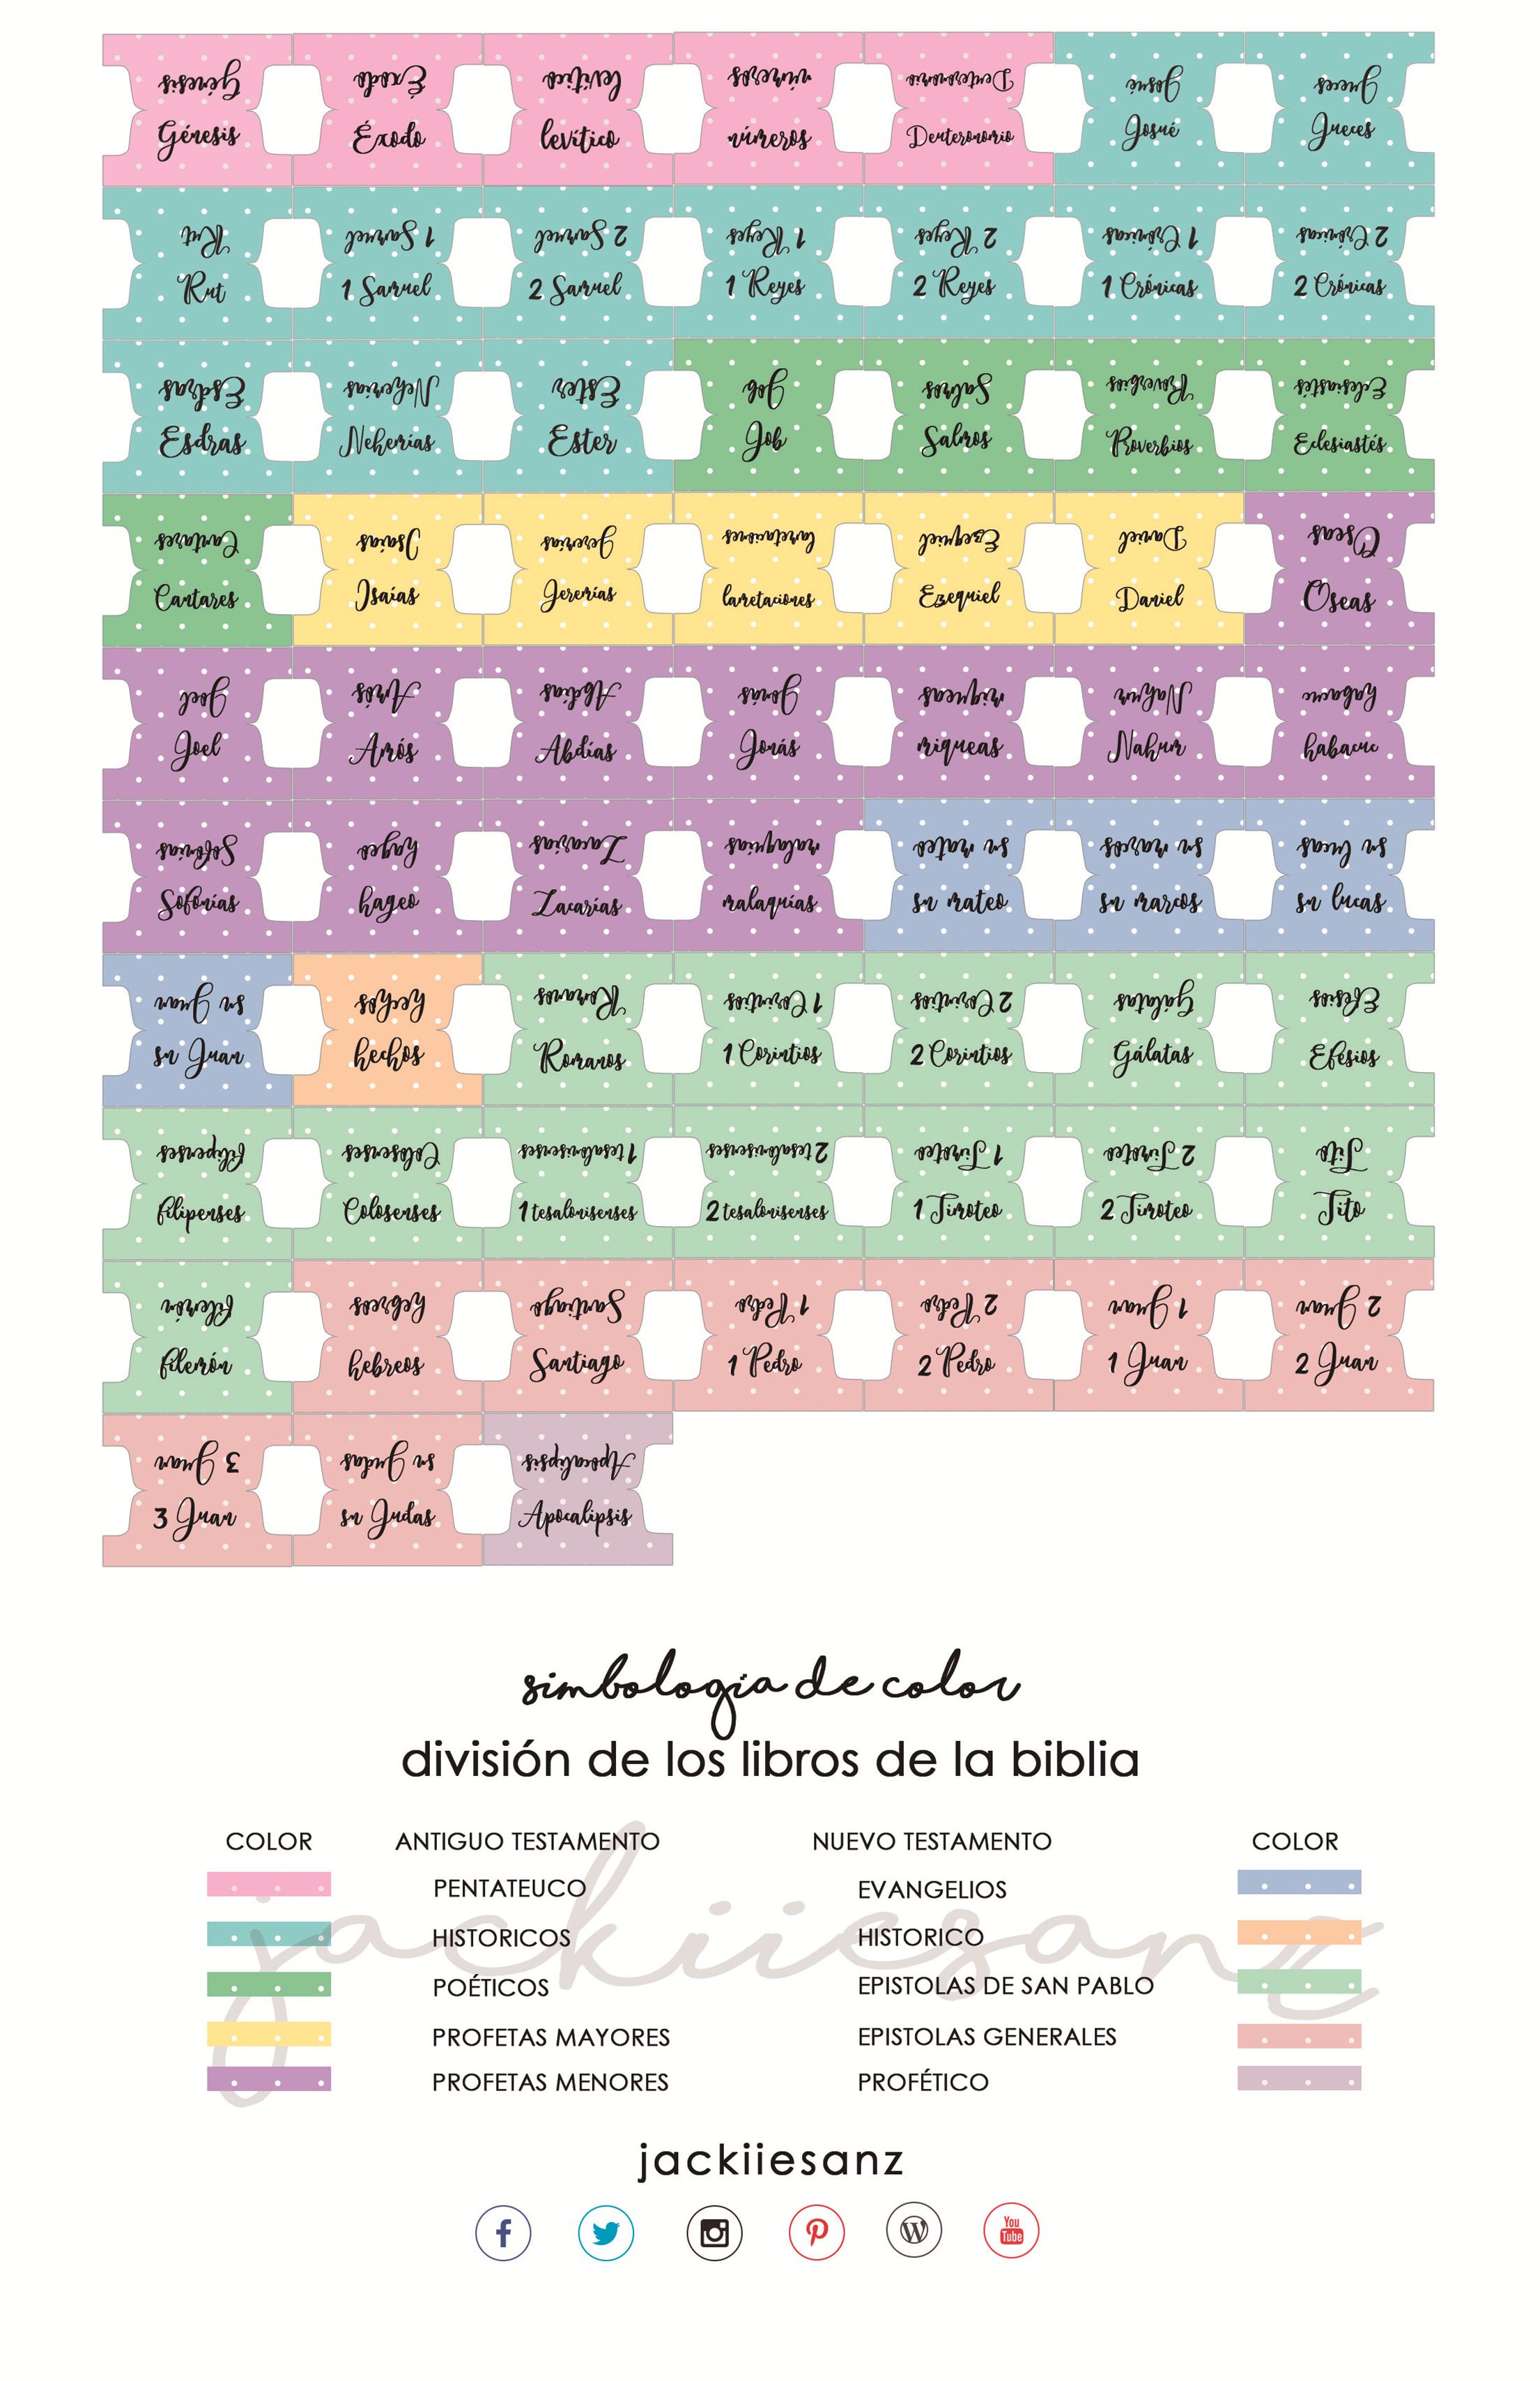 Versiculos De La Biblia De Animo: TABS GRATIS PARA TU BIBLIA -tabs Bible Printable